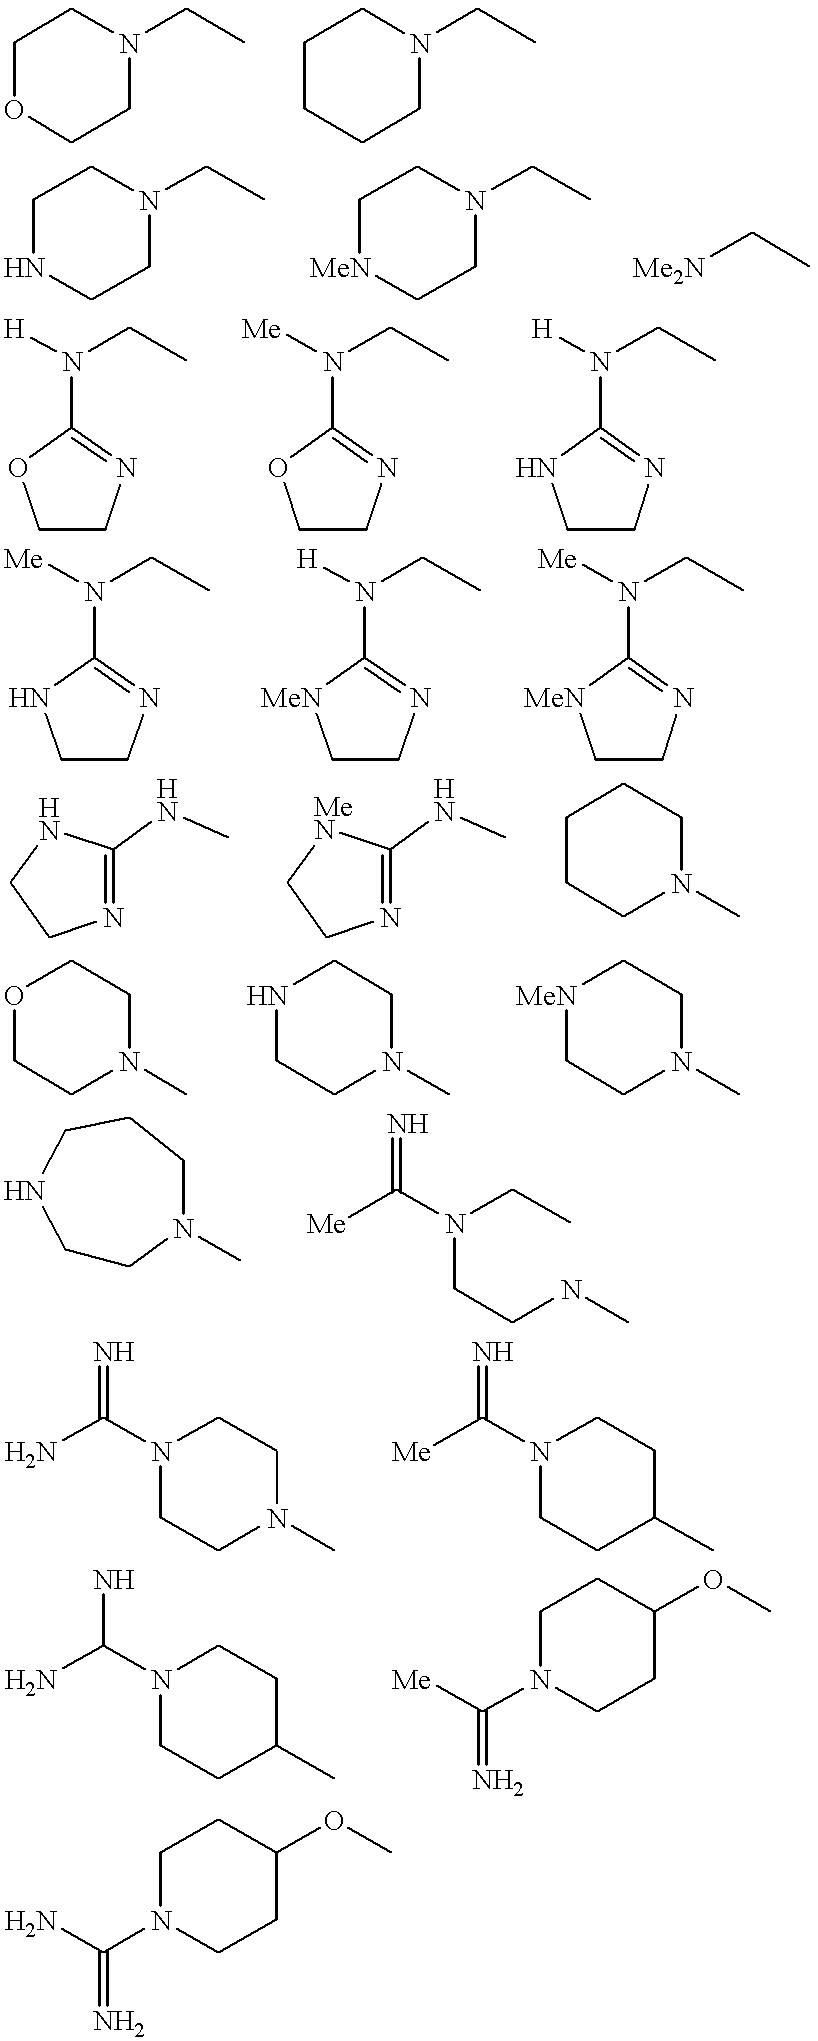 Figure US06376515-20020423-C00015